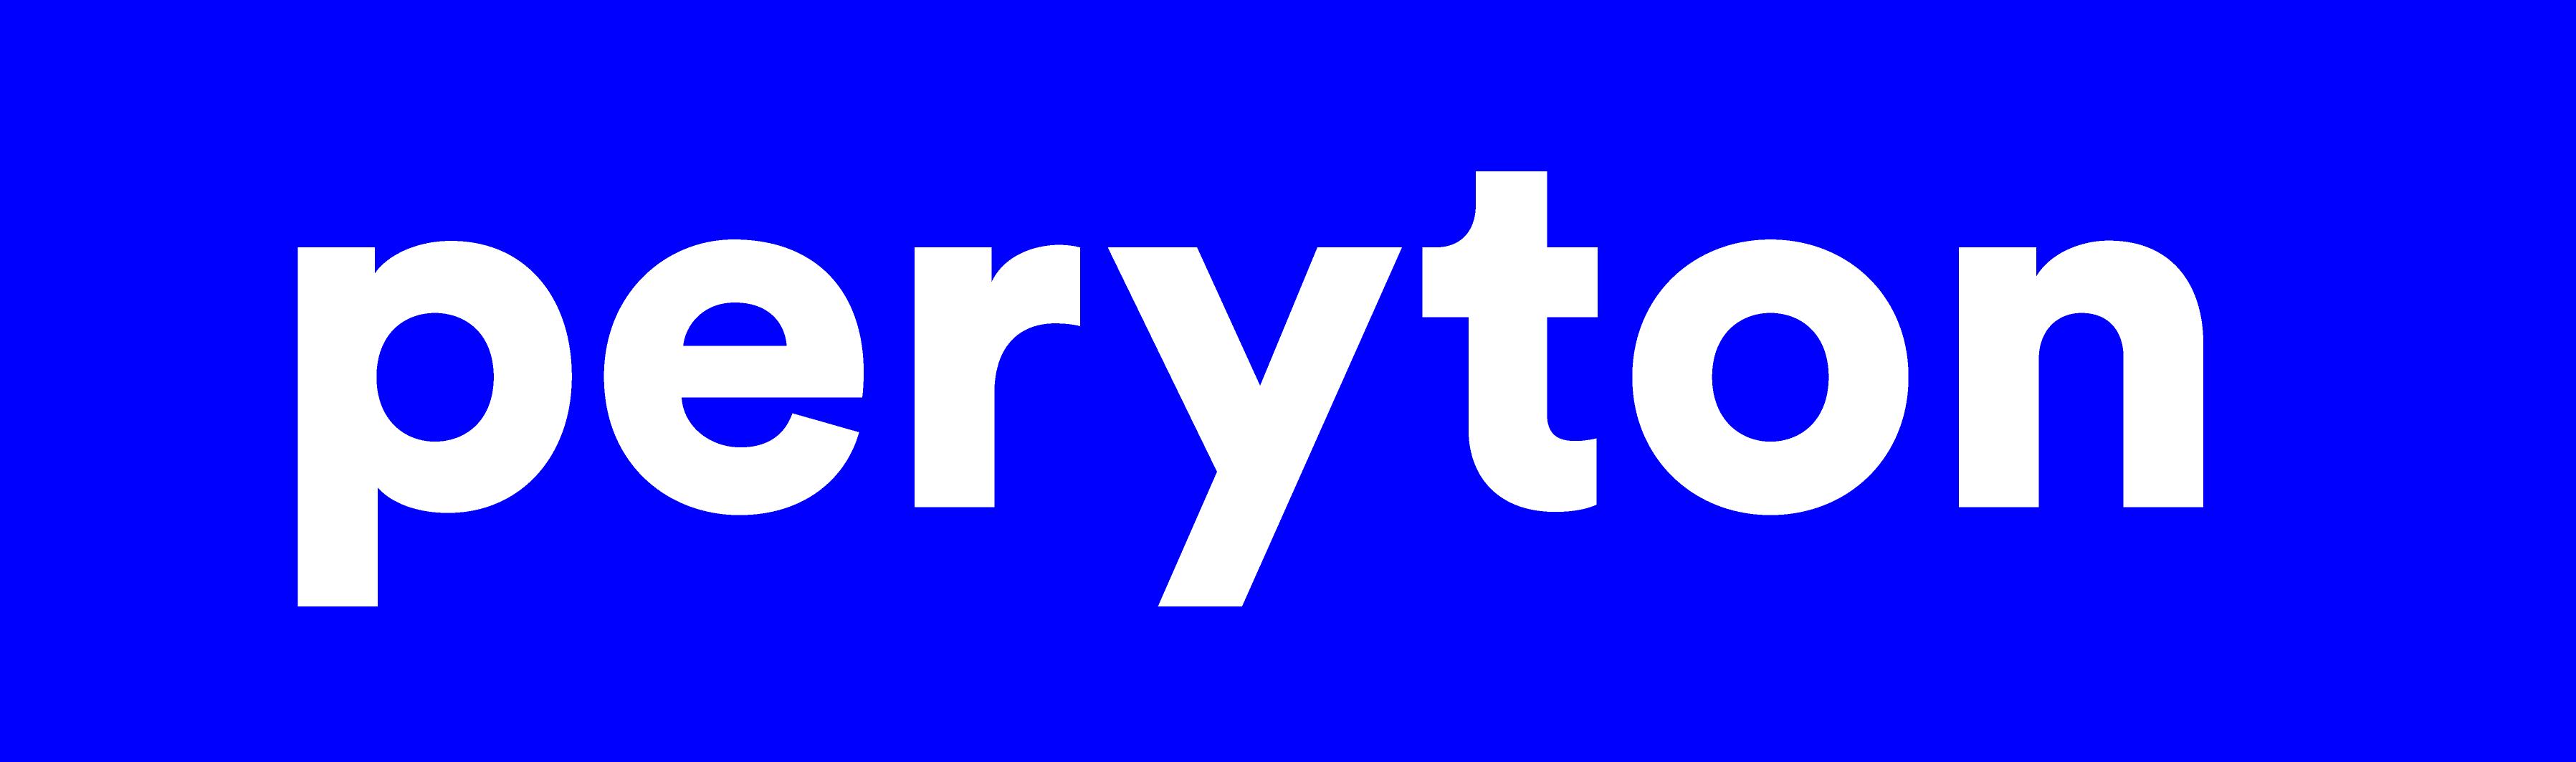 Peryton